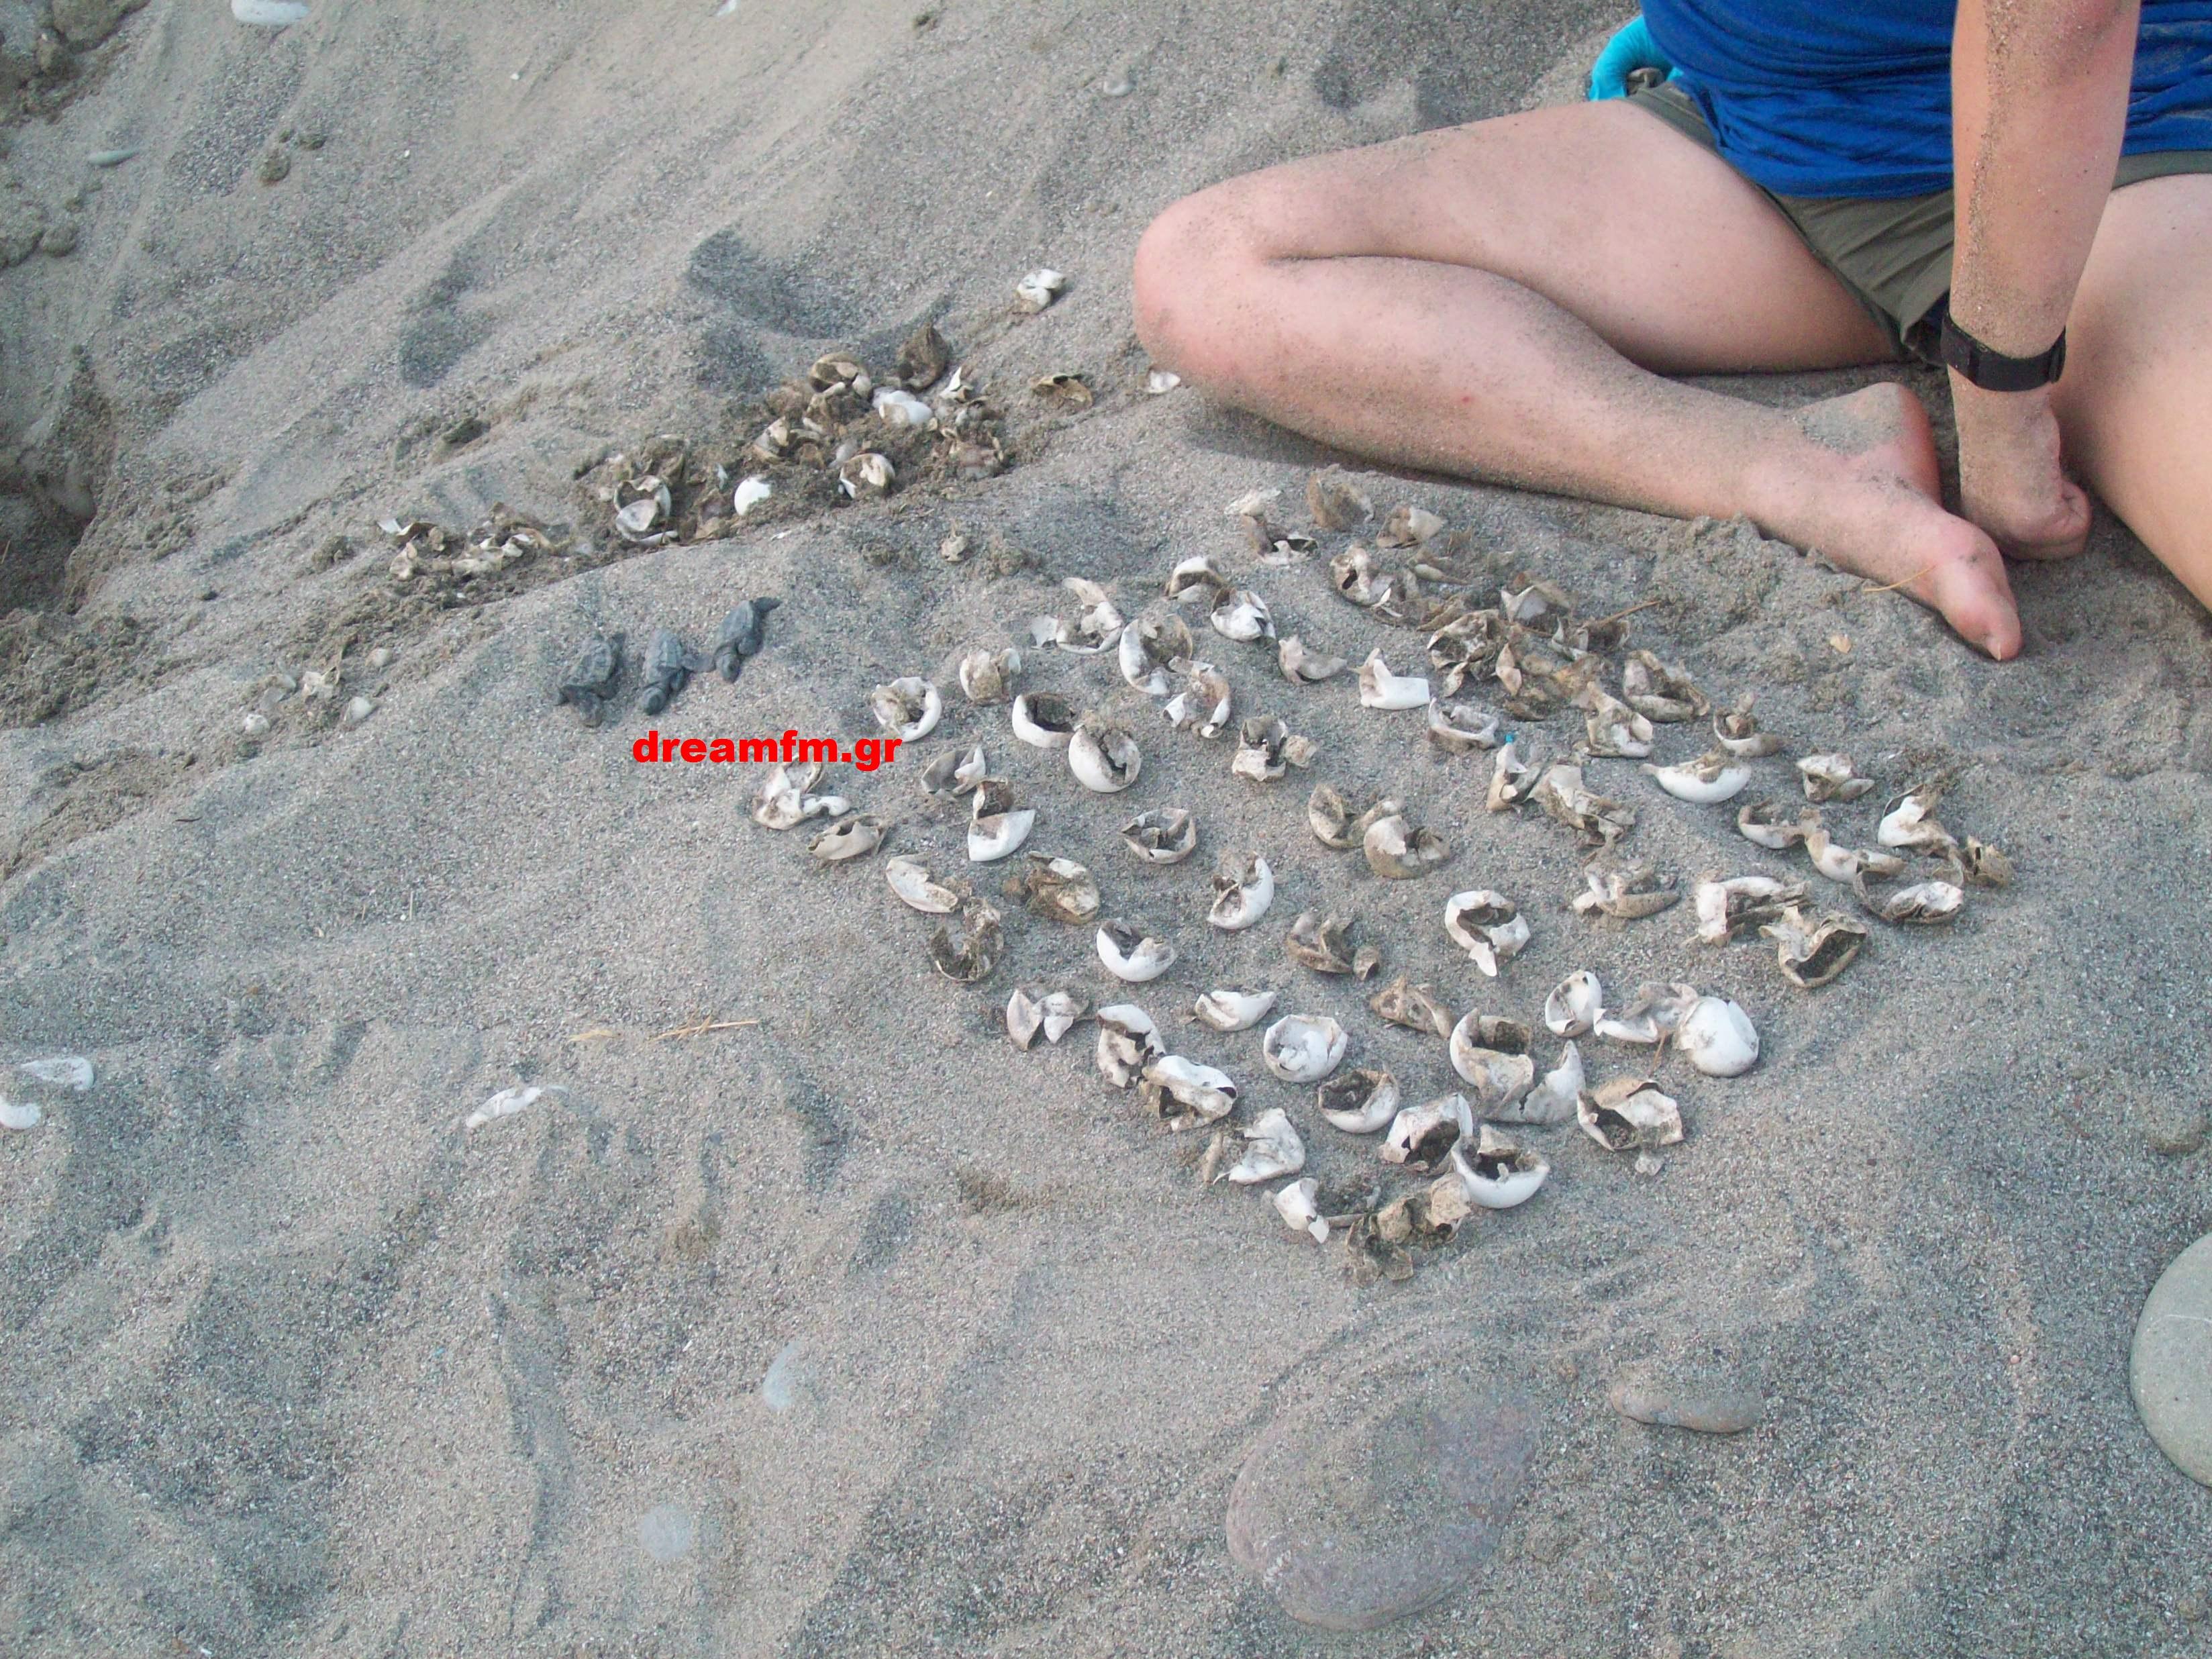 Πάρα πολλά αυγά άρα και χελωνάκια που κατάφεραν να μπούν στη θάλασσα χωρίς την ανθρώπινη βοήθεια